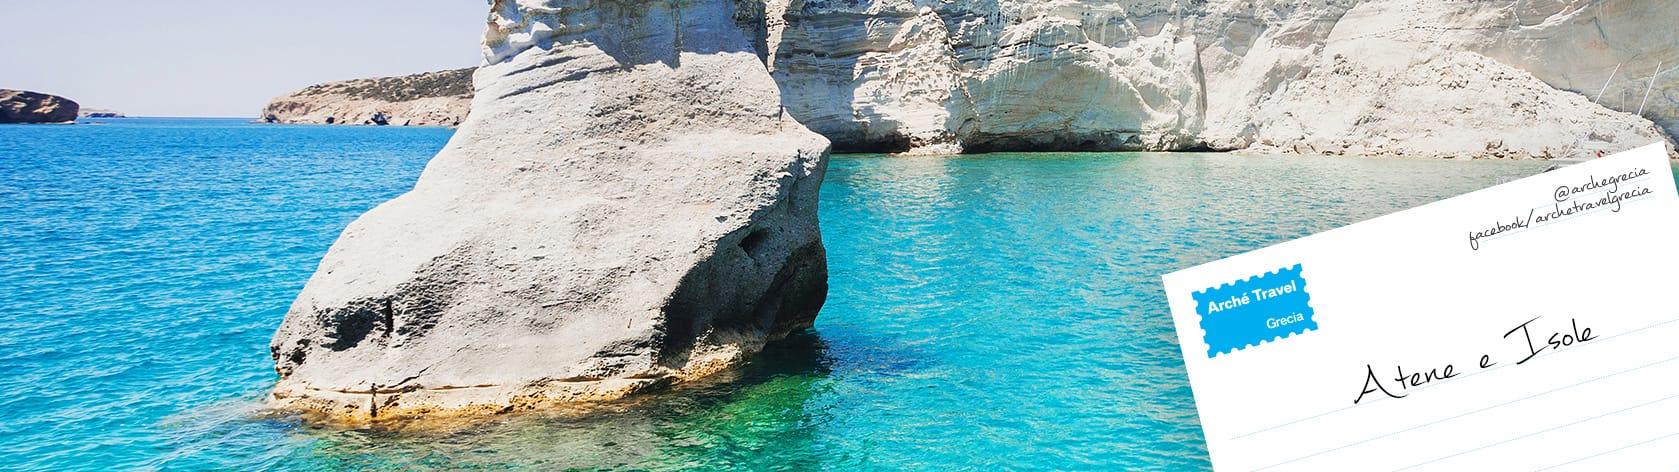 Tour Atene e Isole Greche - Arché Travel - Tour Operator Grecia